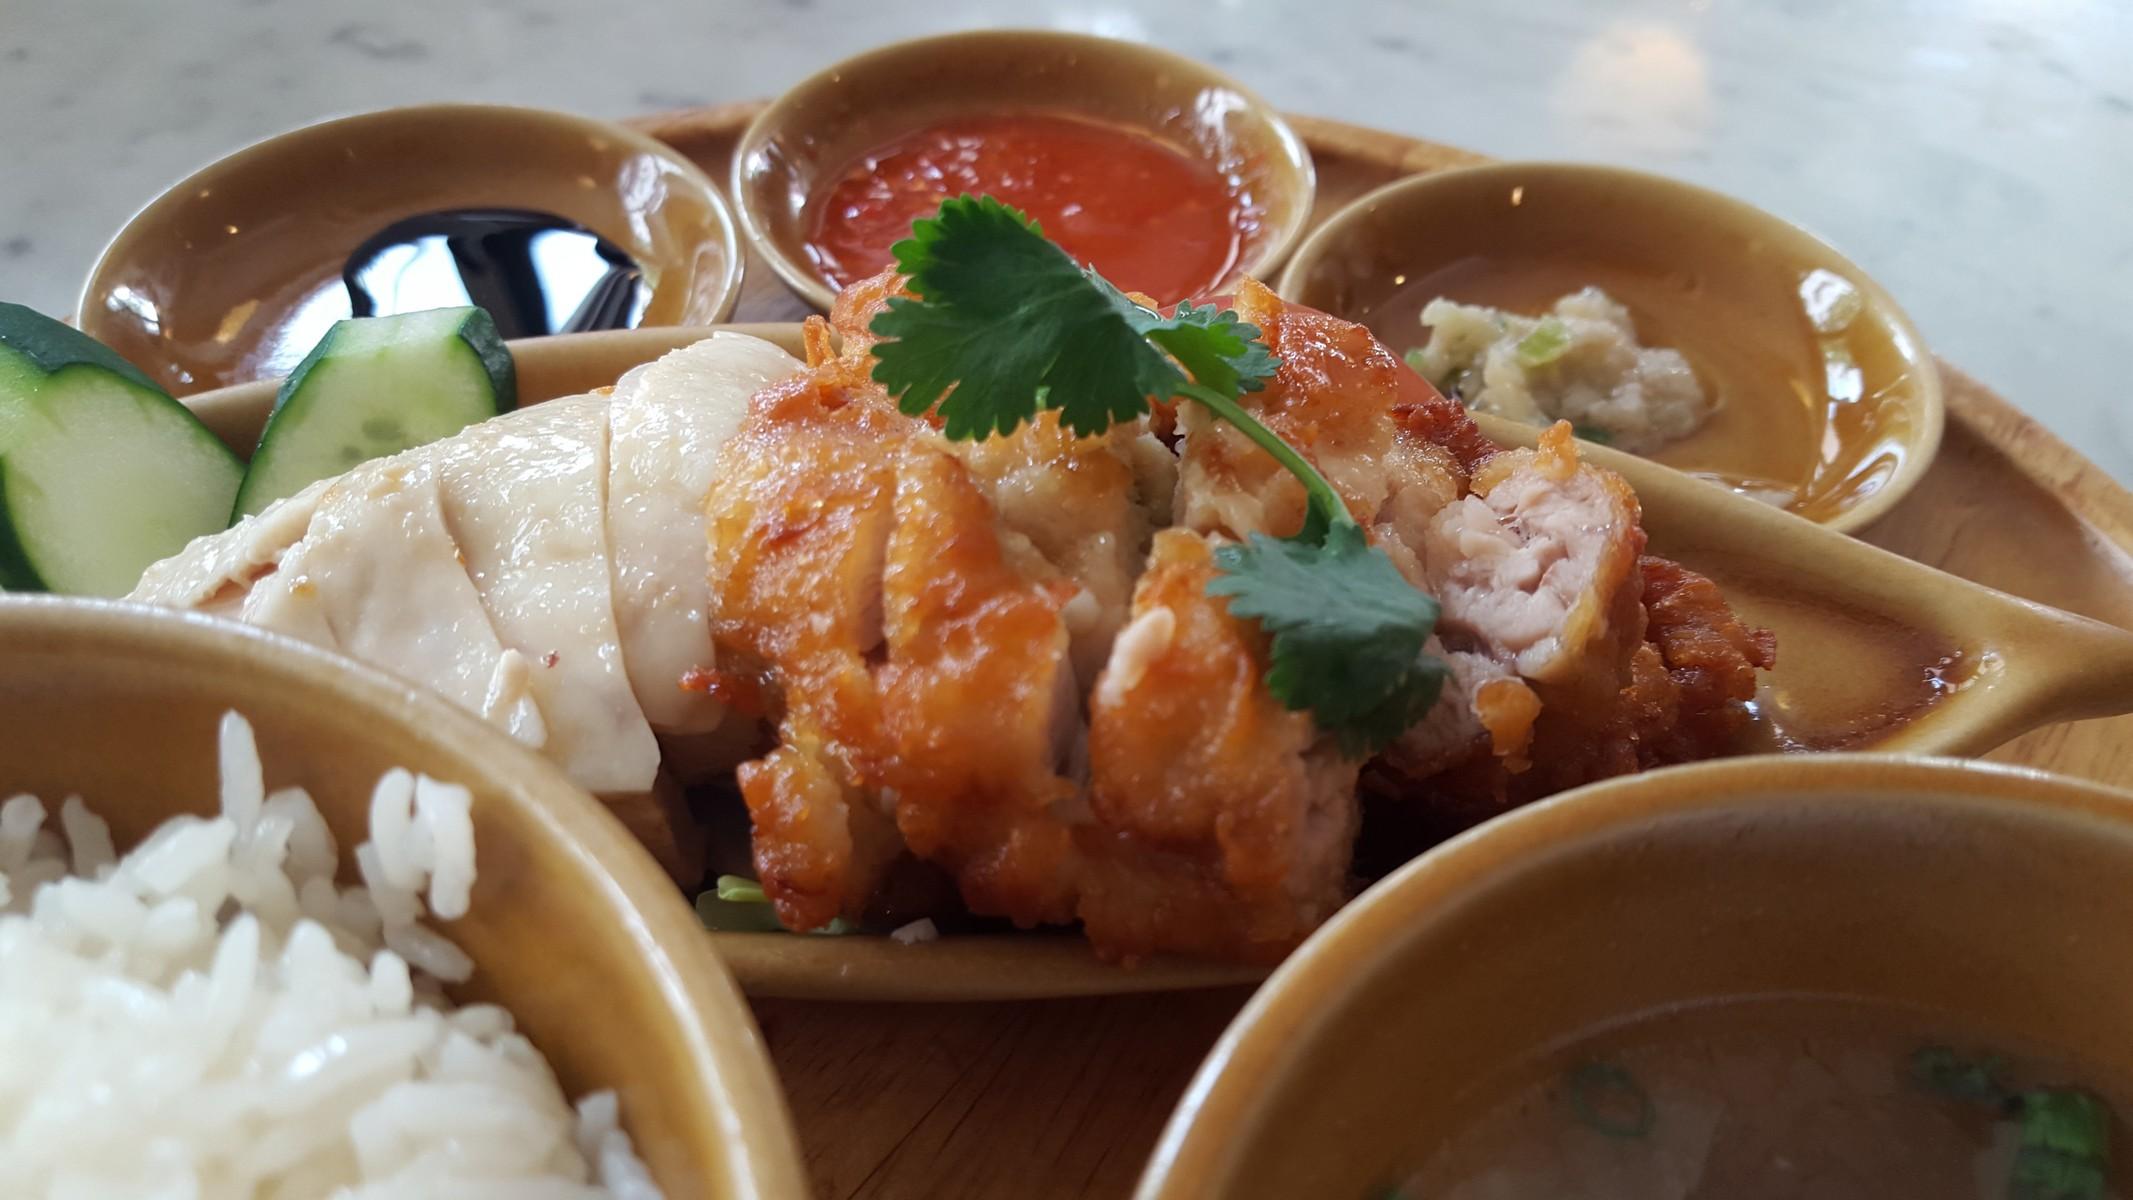 蒸鶏と揚鶏のハーフ&ハーフのチキン【シンガポール海南鶏飯/水道橋】